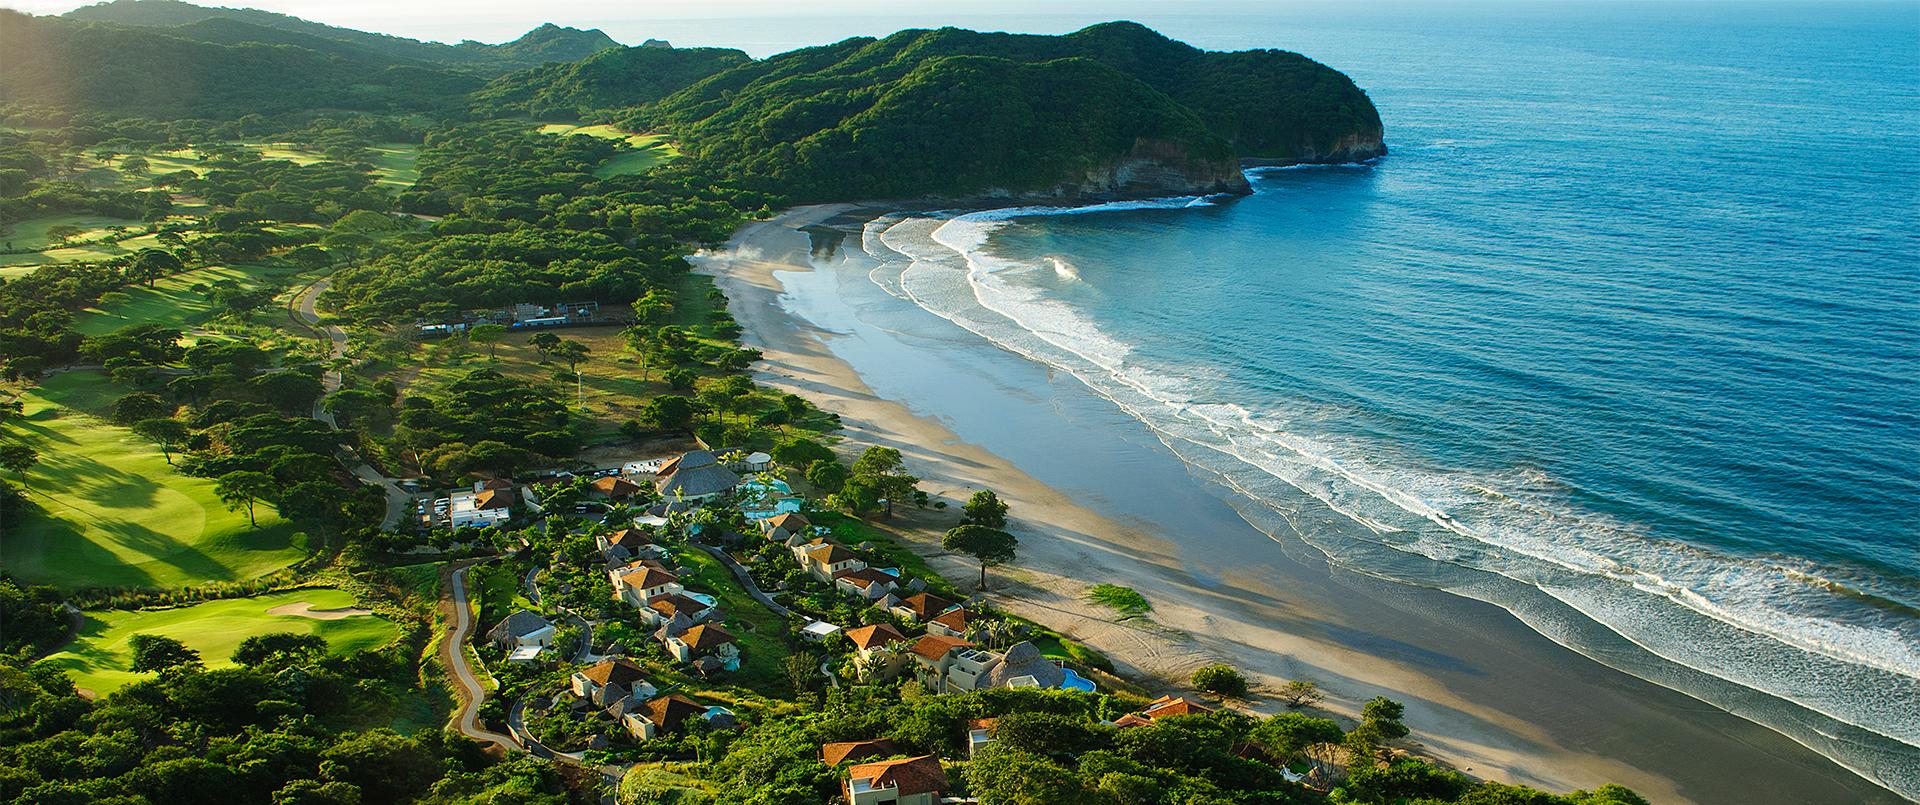 Nicaragua in Luxury